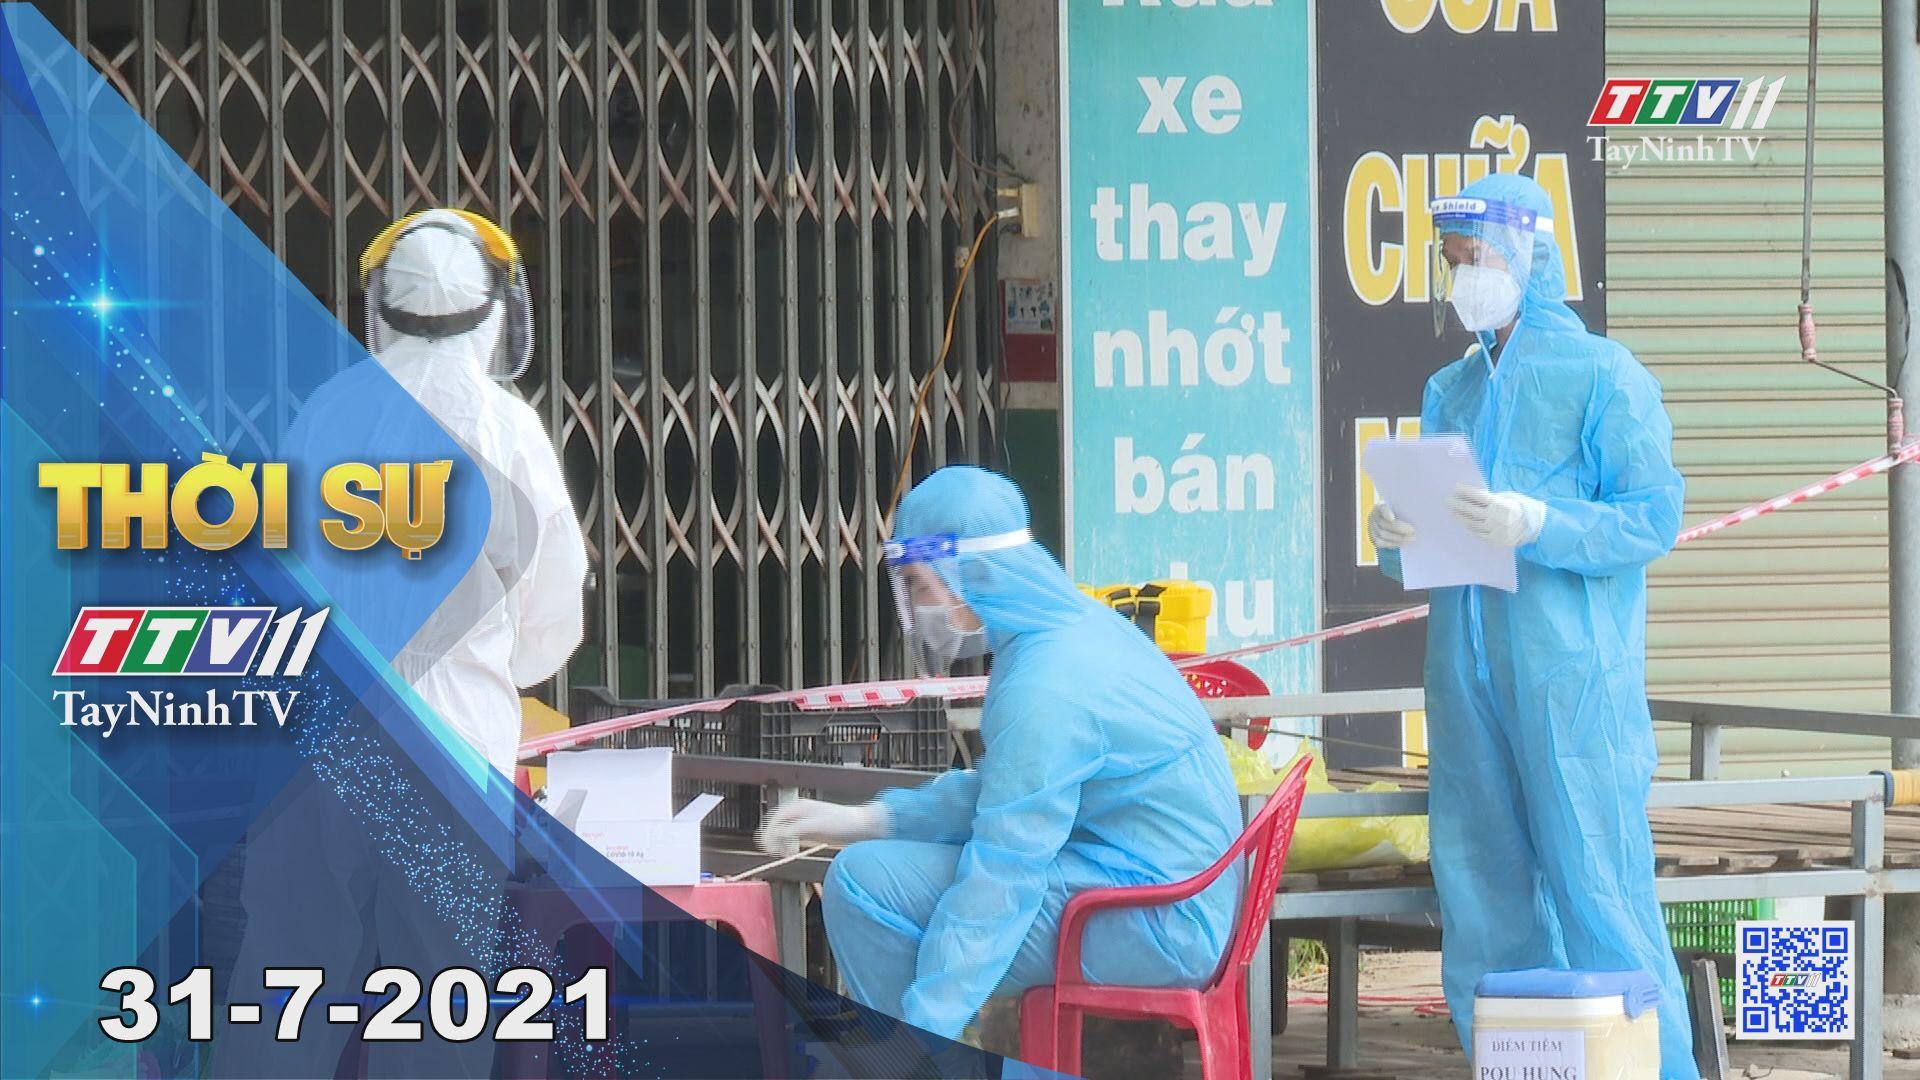 Thời sự Tây Ninh 31-7-2021 | Tin tức hôm nay | TayNinhTV